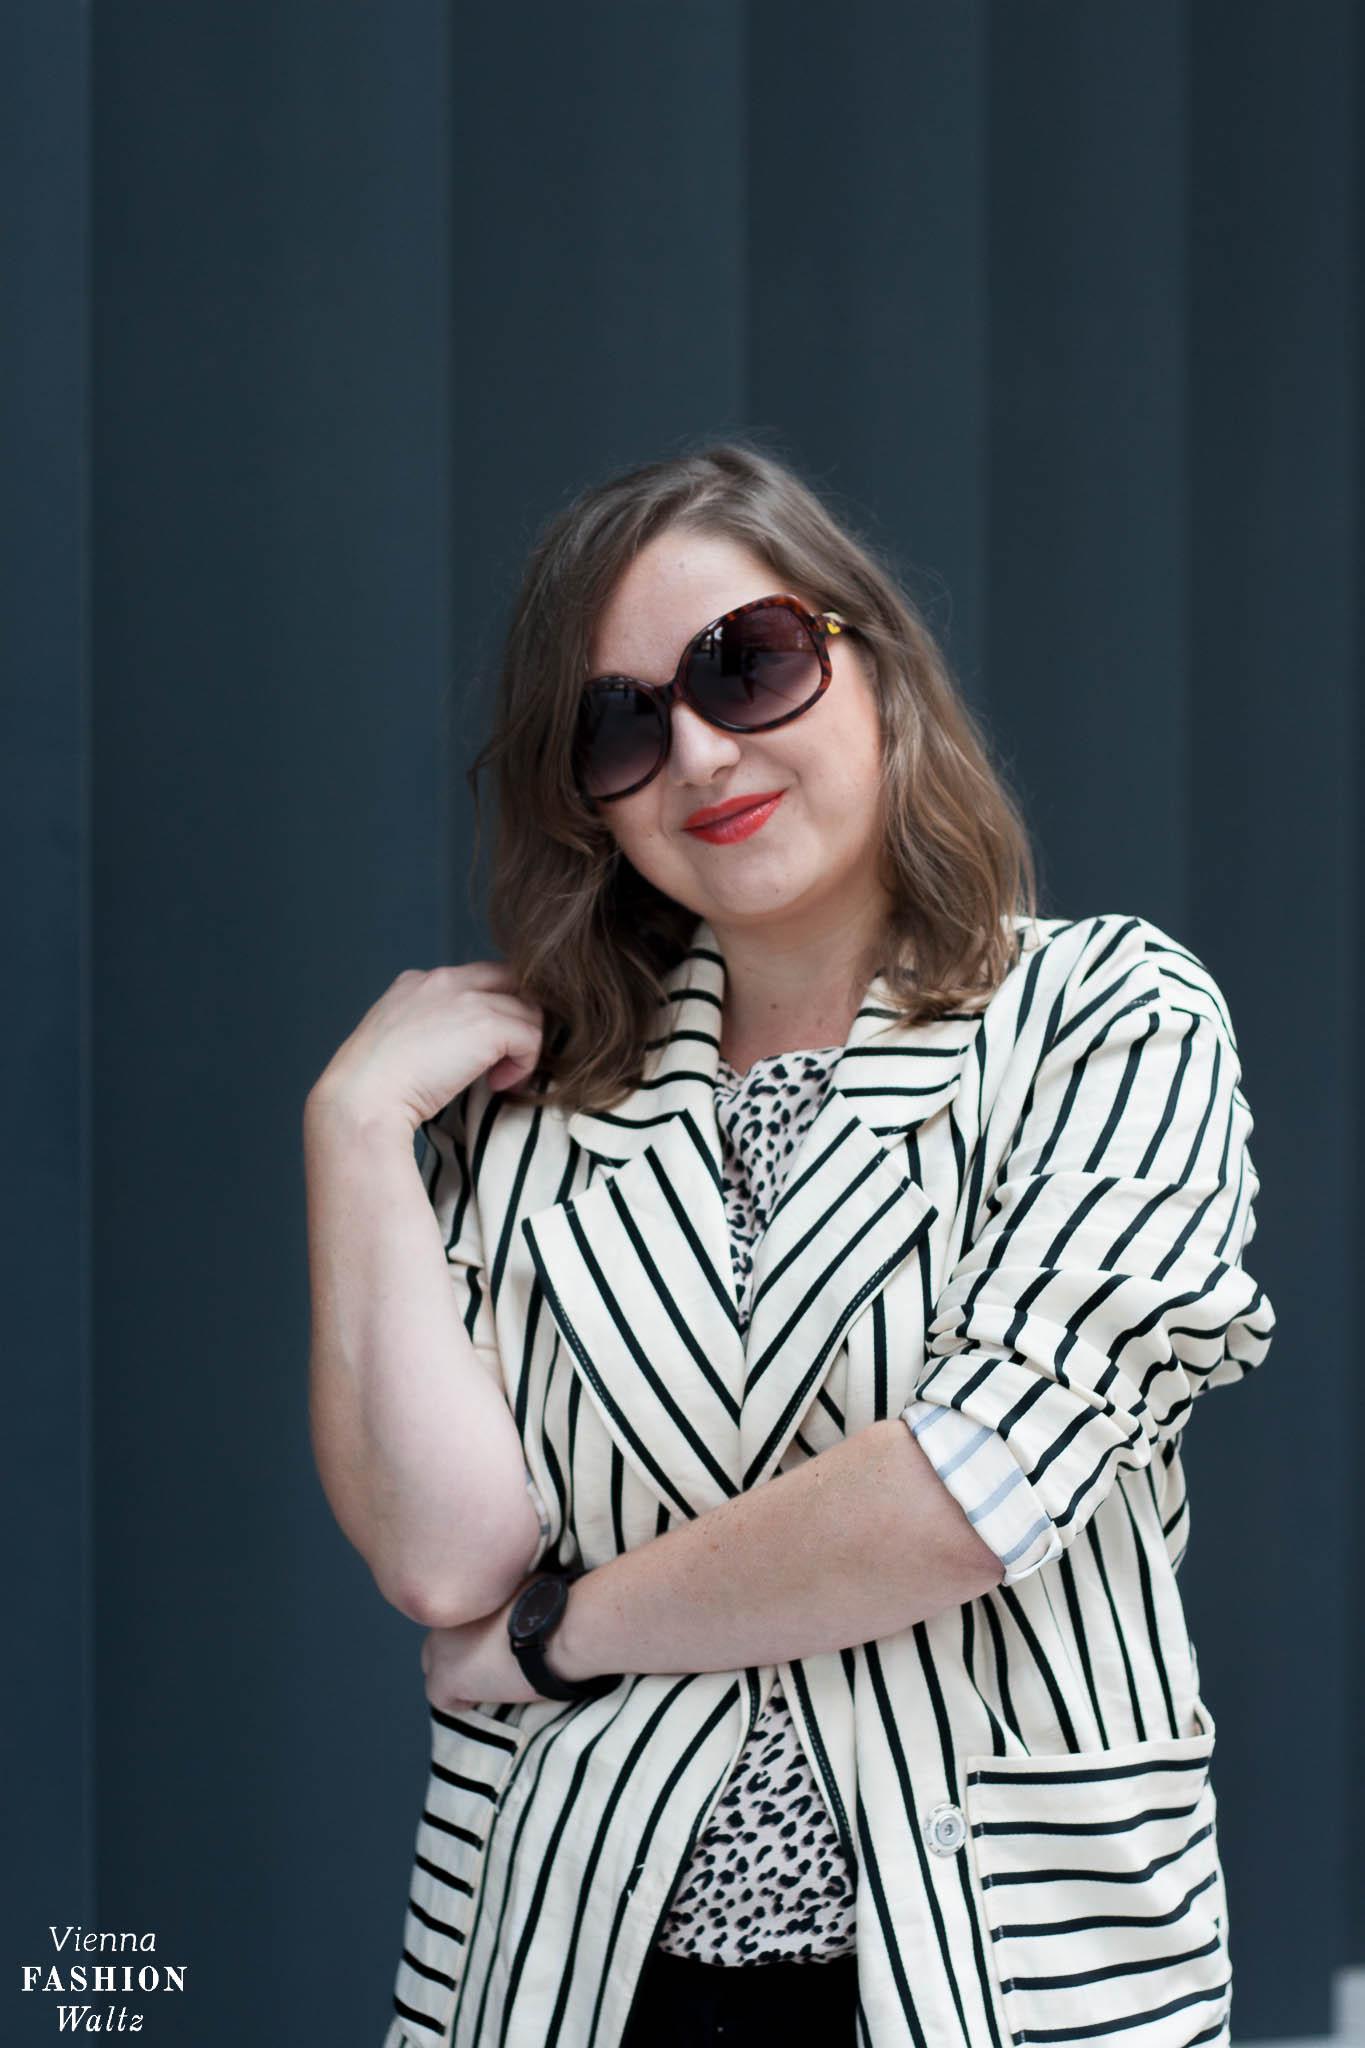 Escada Streifen Blazer mit Leomuster Printmix, Herbsttrend Leoprint & Stylingtipps, Fashion, Outfit, Trends, Style